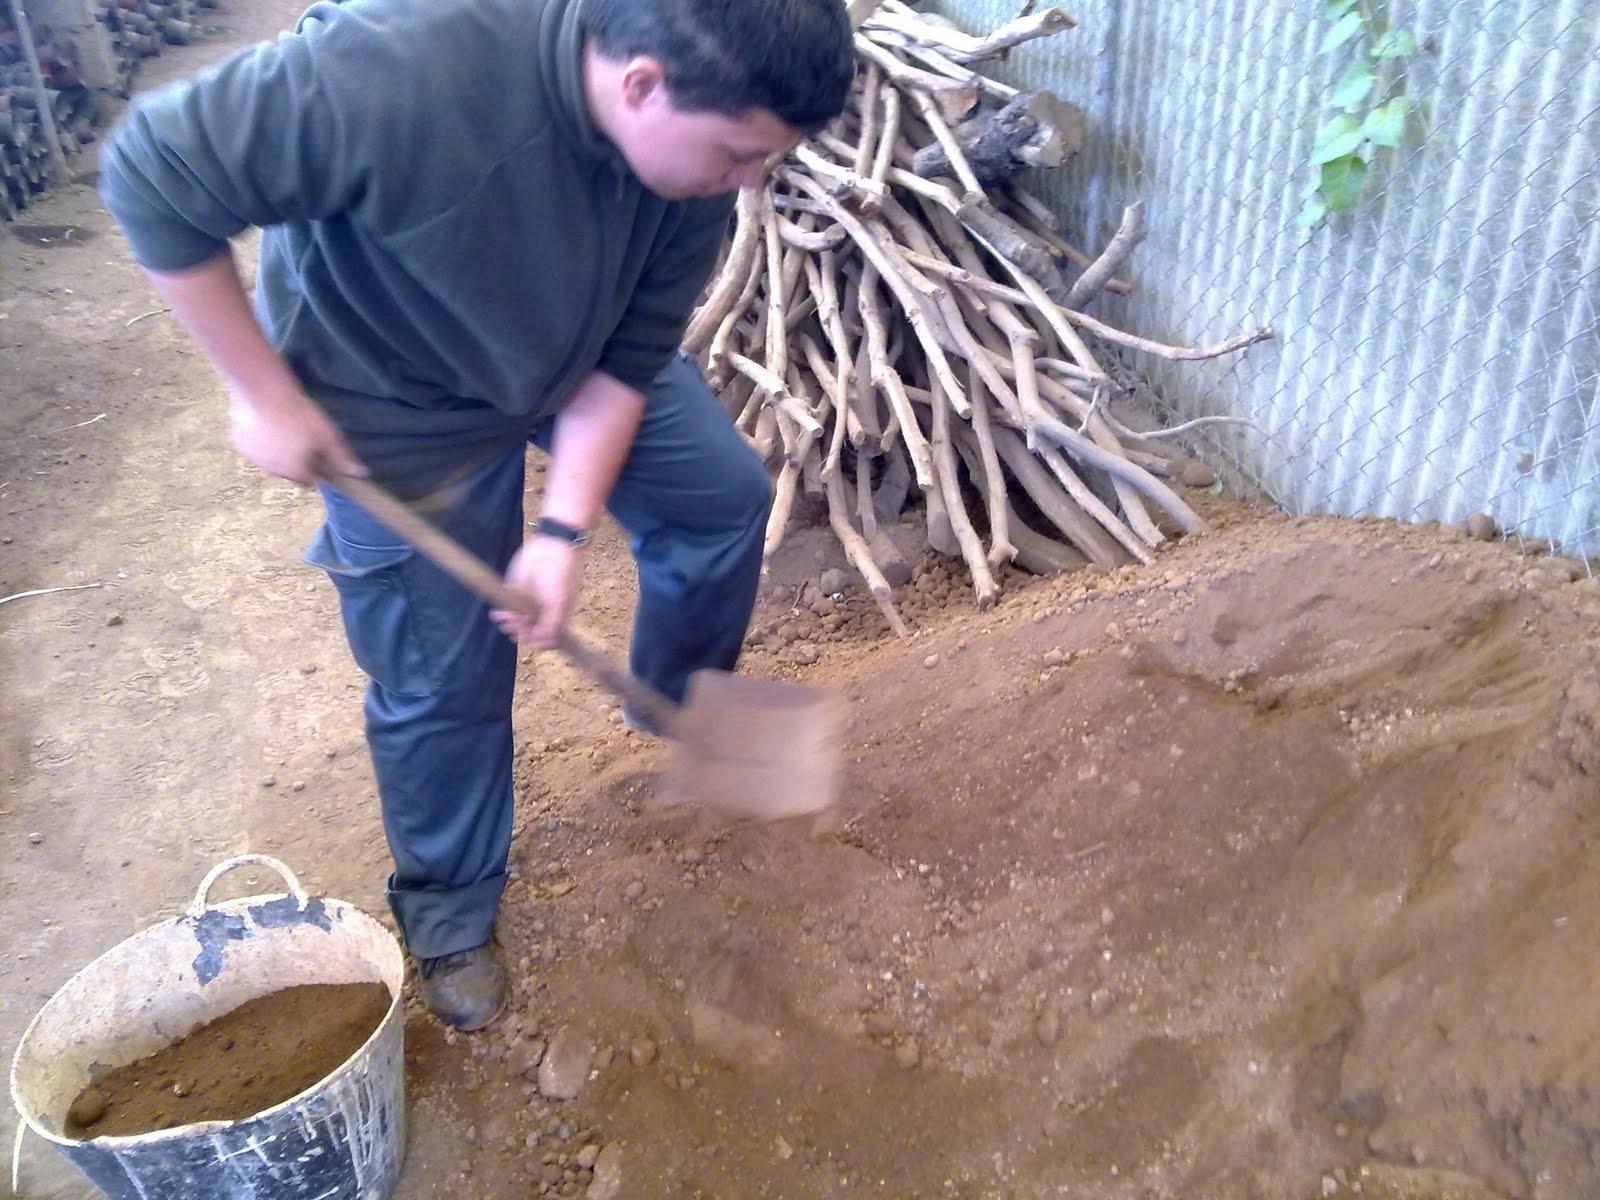 Curso auxiliar jardineria preparaci n de semilleros - Tierra para semilleros ...